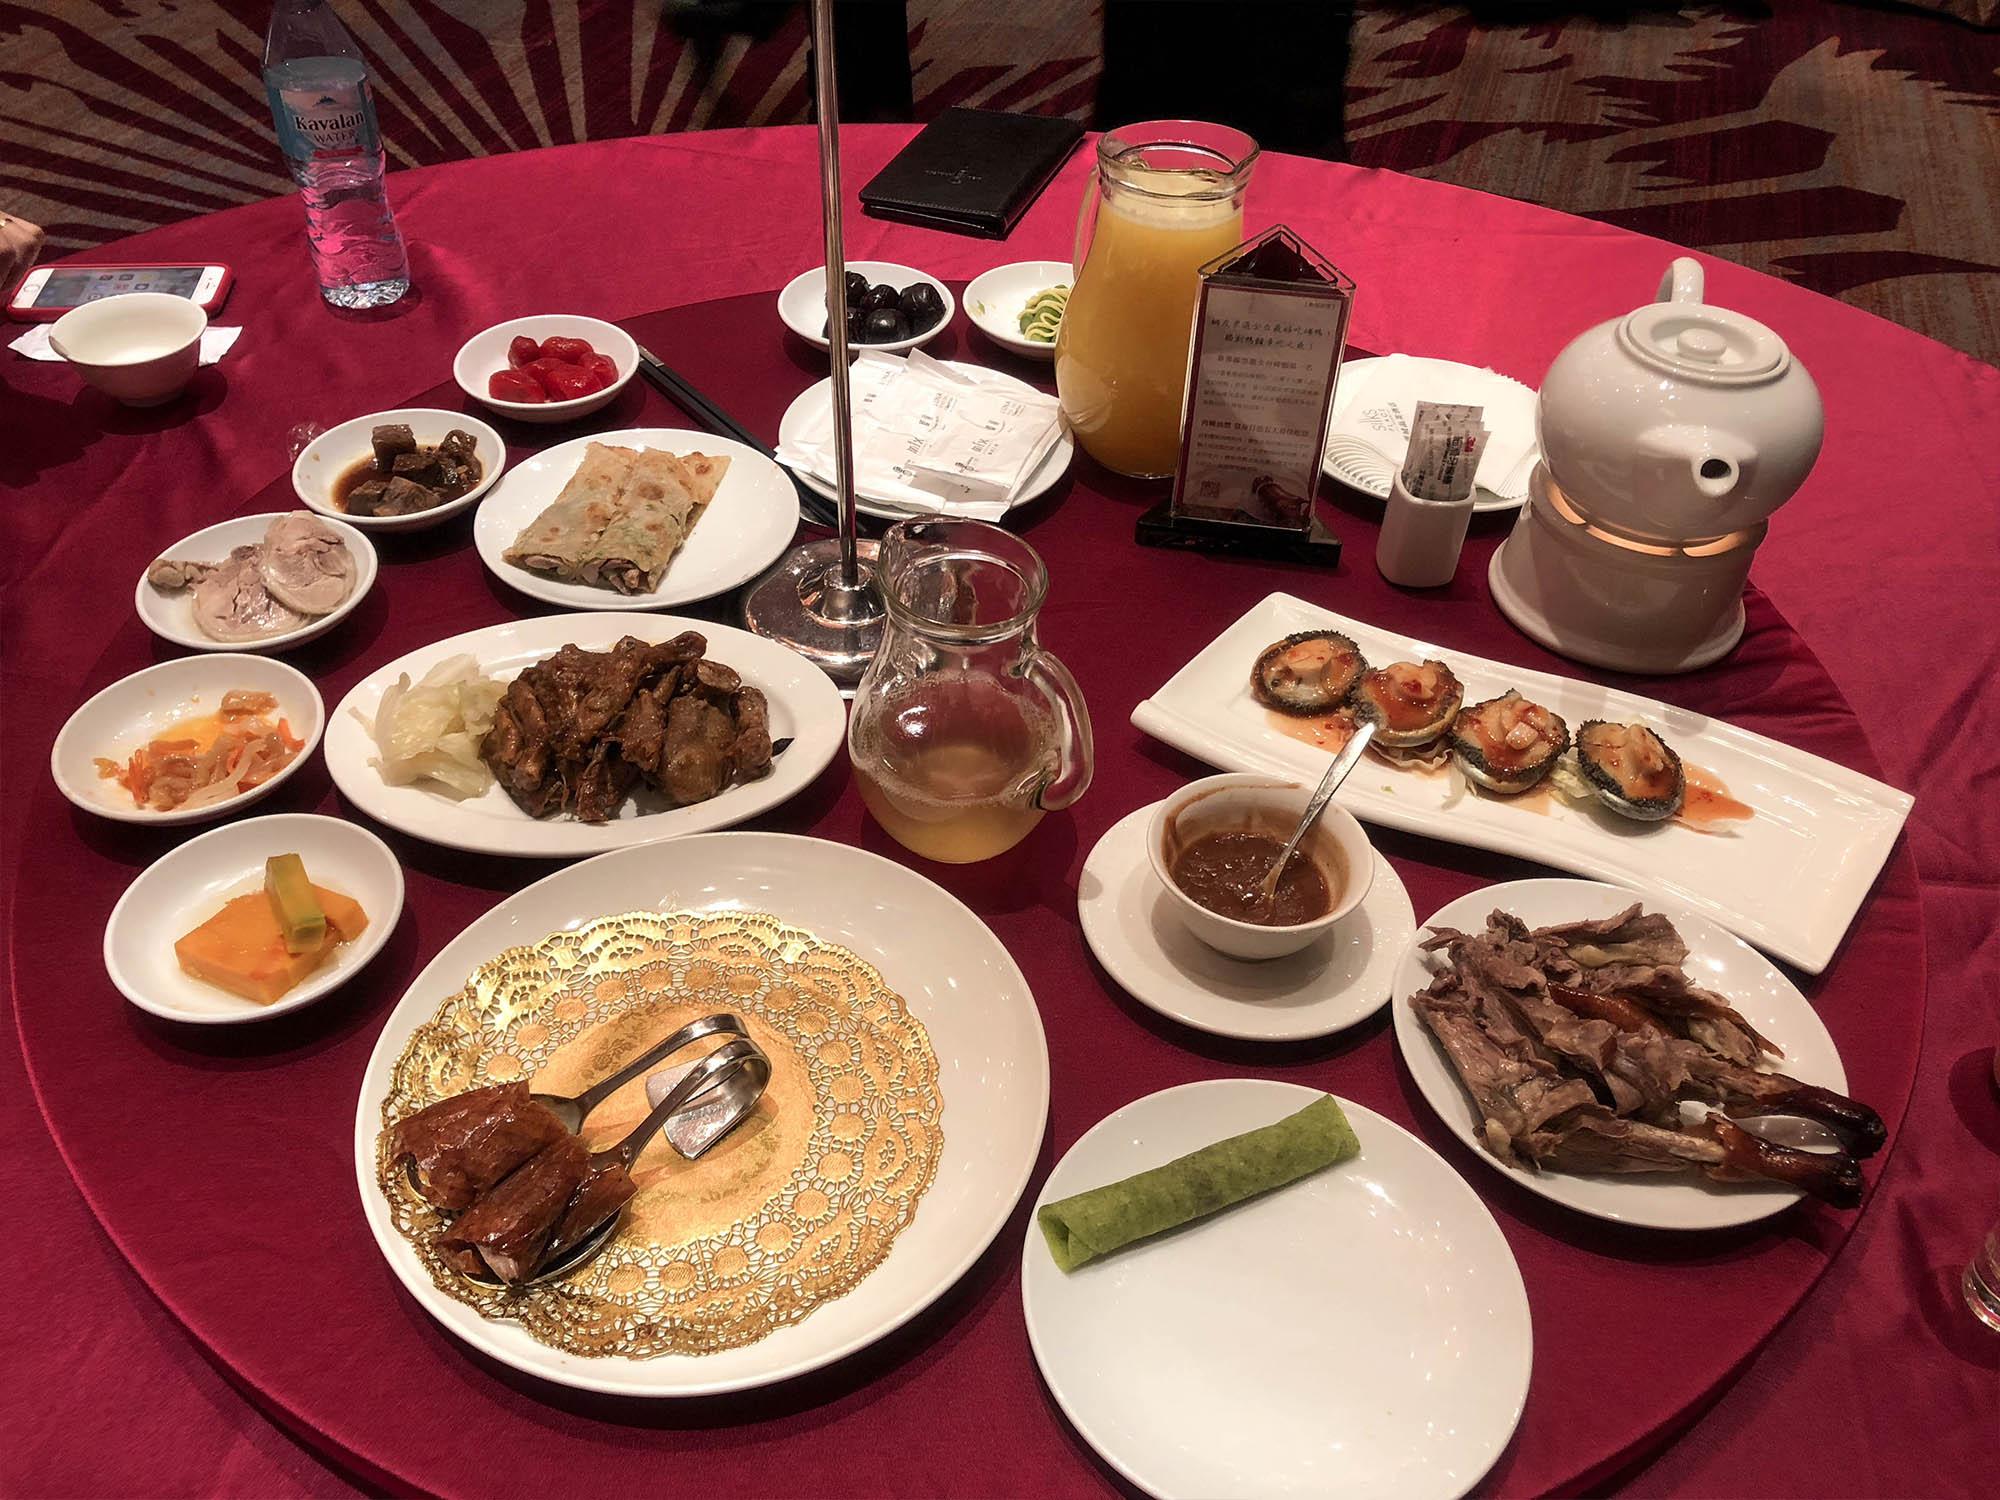 蘭城晶英_櫻桃鴨4人份餐點